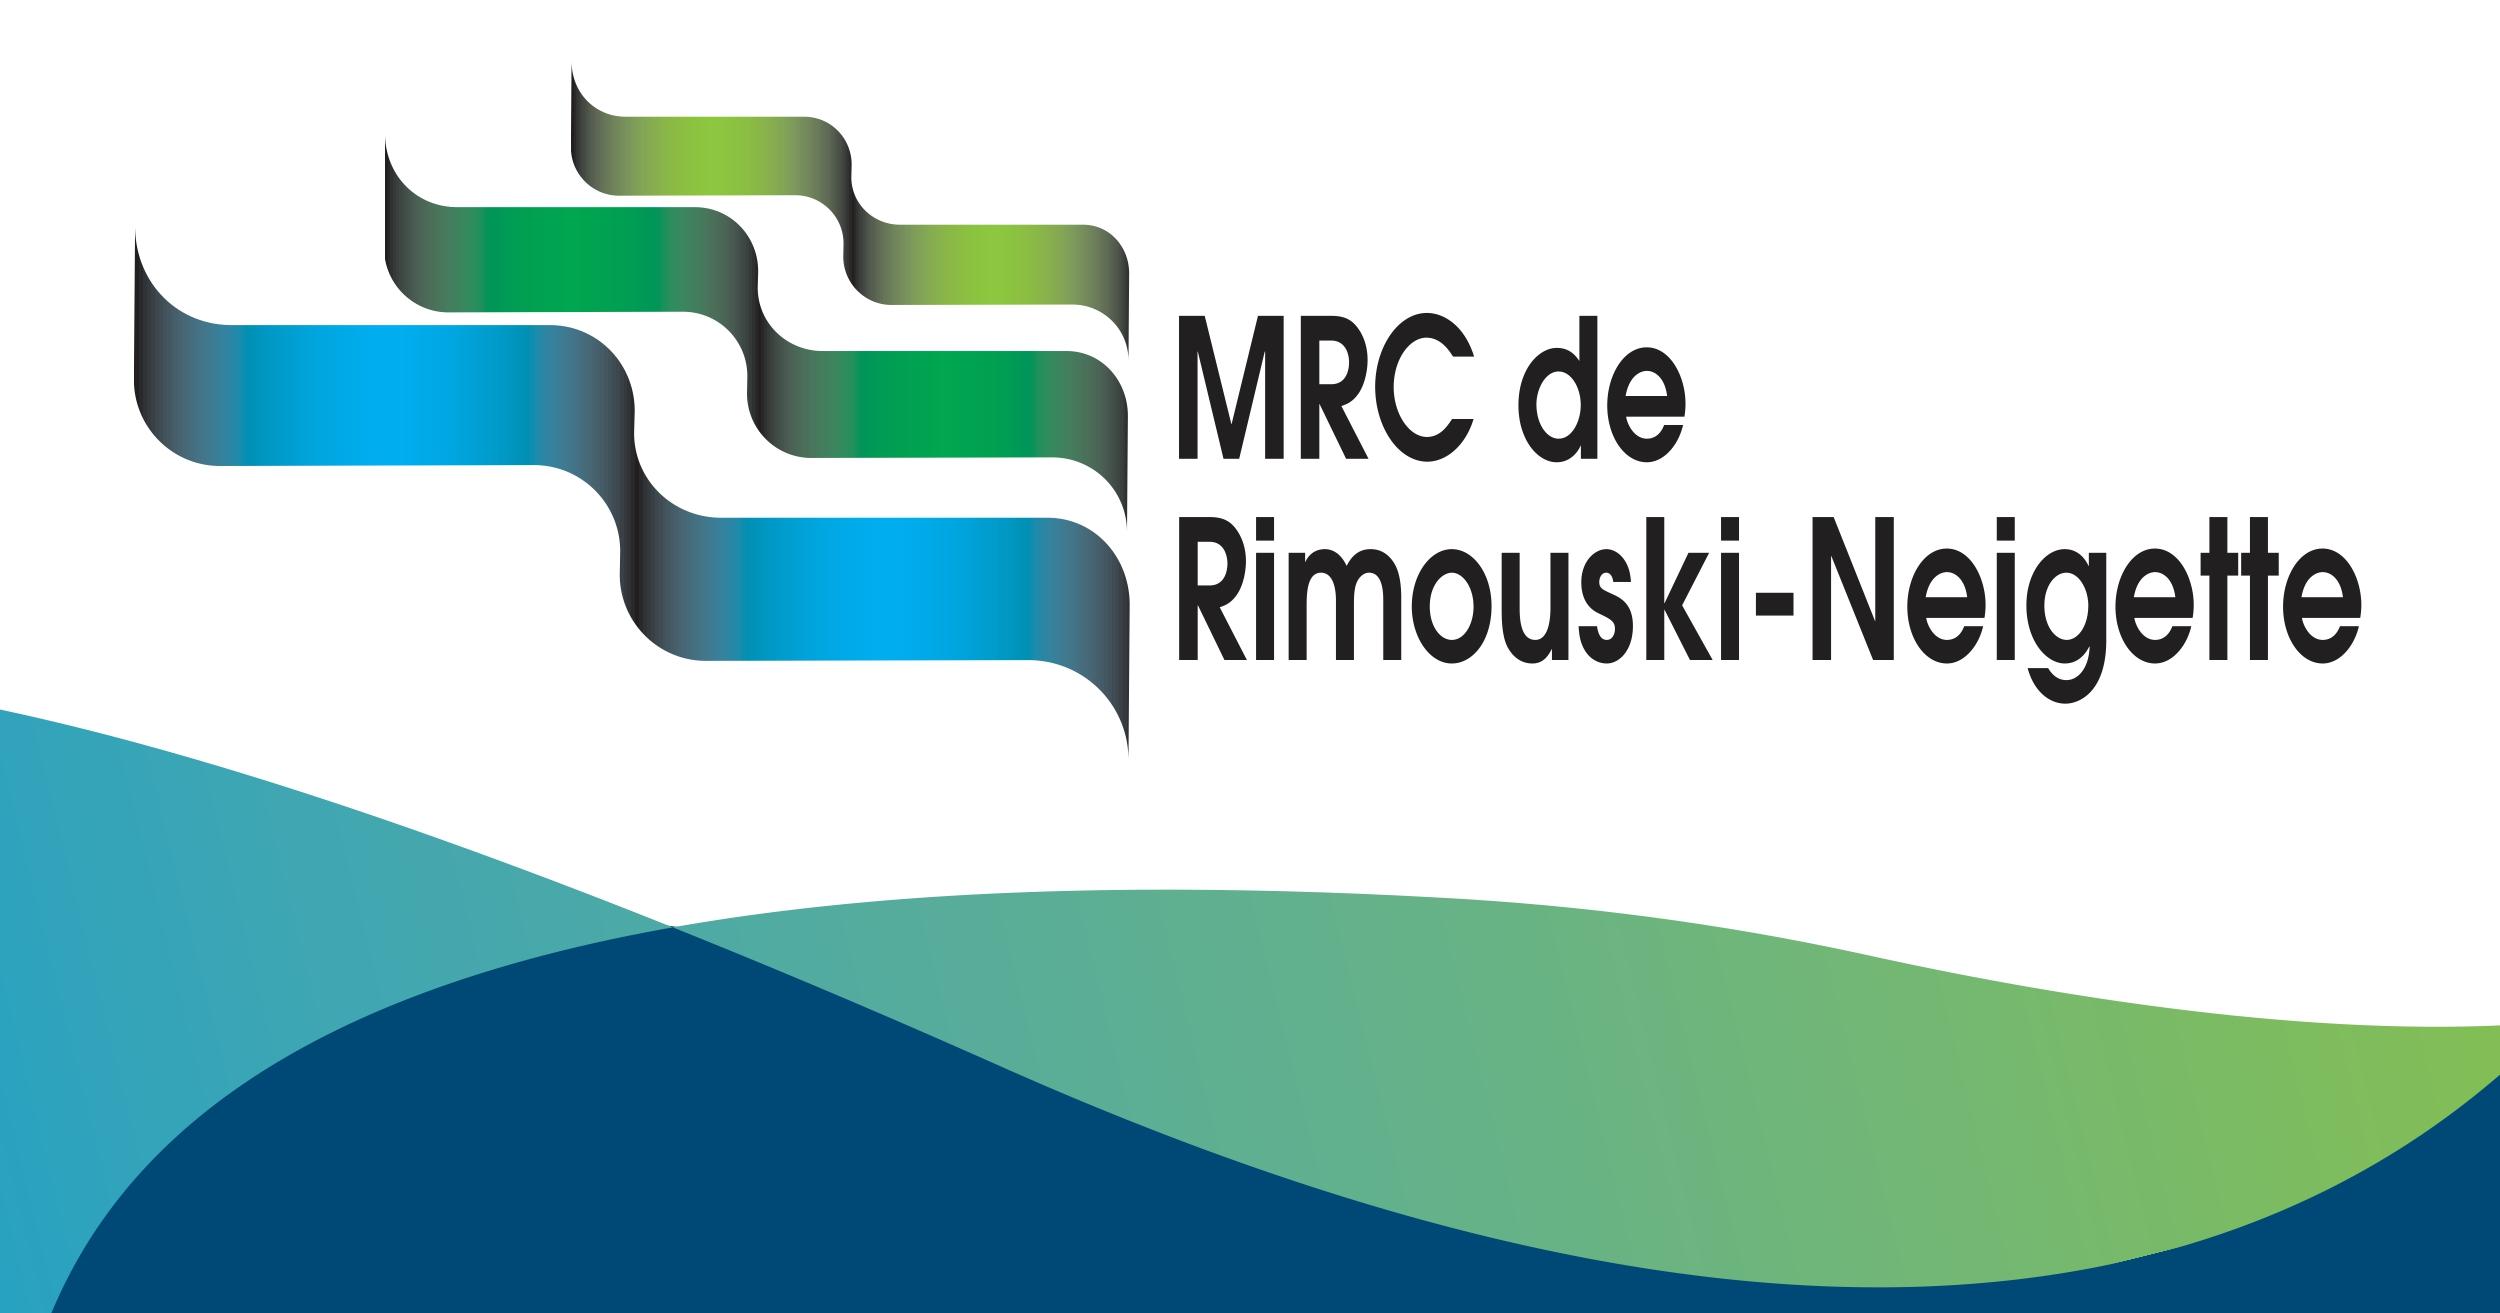 Aide financière de 100000 $ pour soutenir le développement rural dans la MRC Rimouski-Neigette.